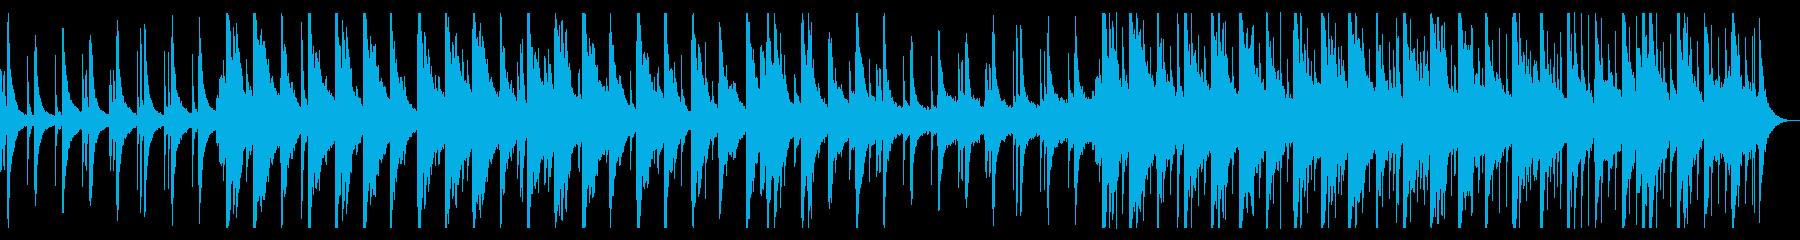 卒業をイメージしたピアノBGMの再生済みの波形